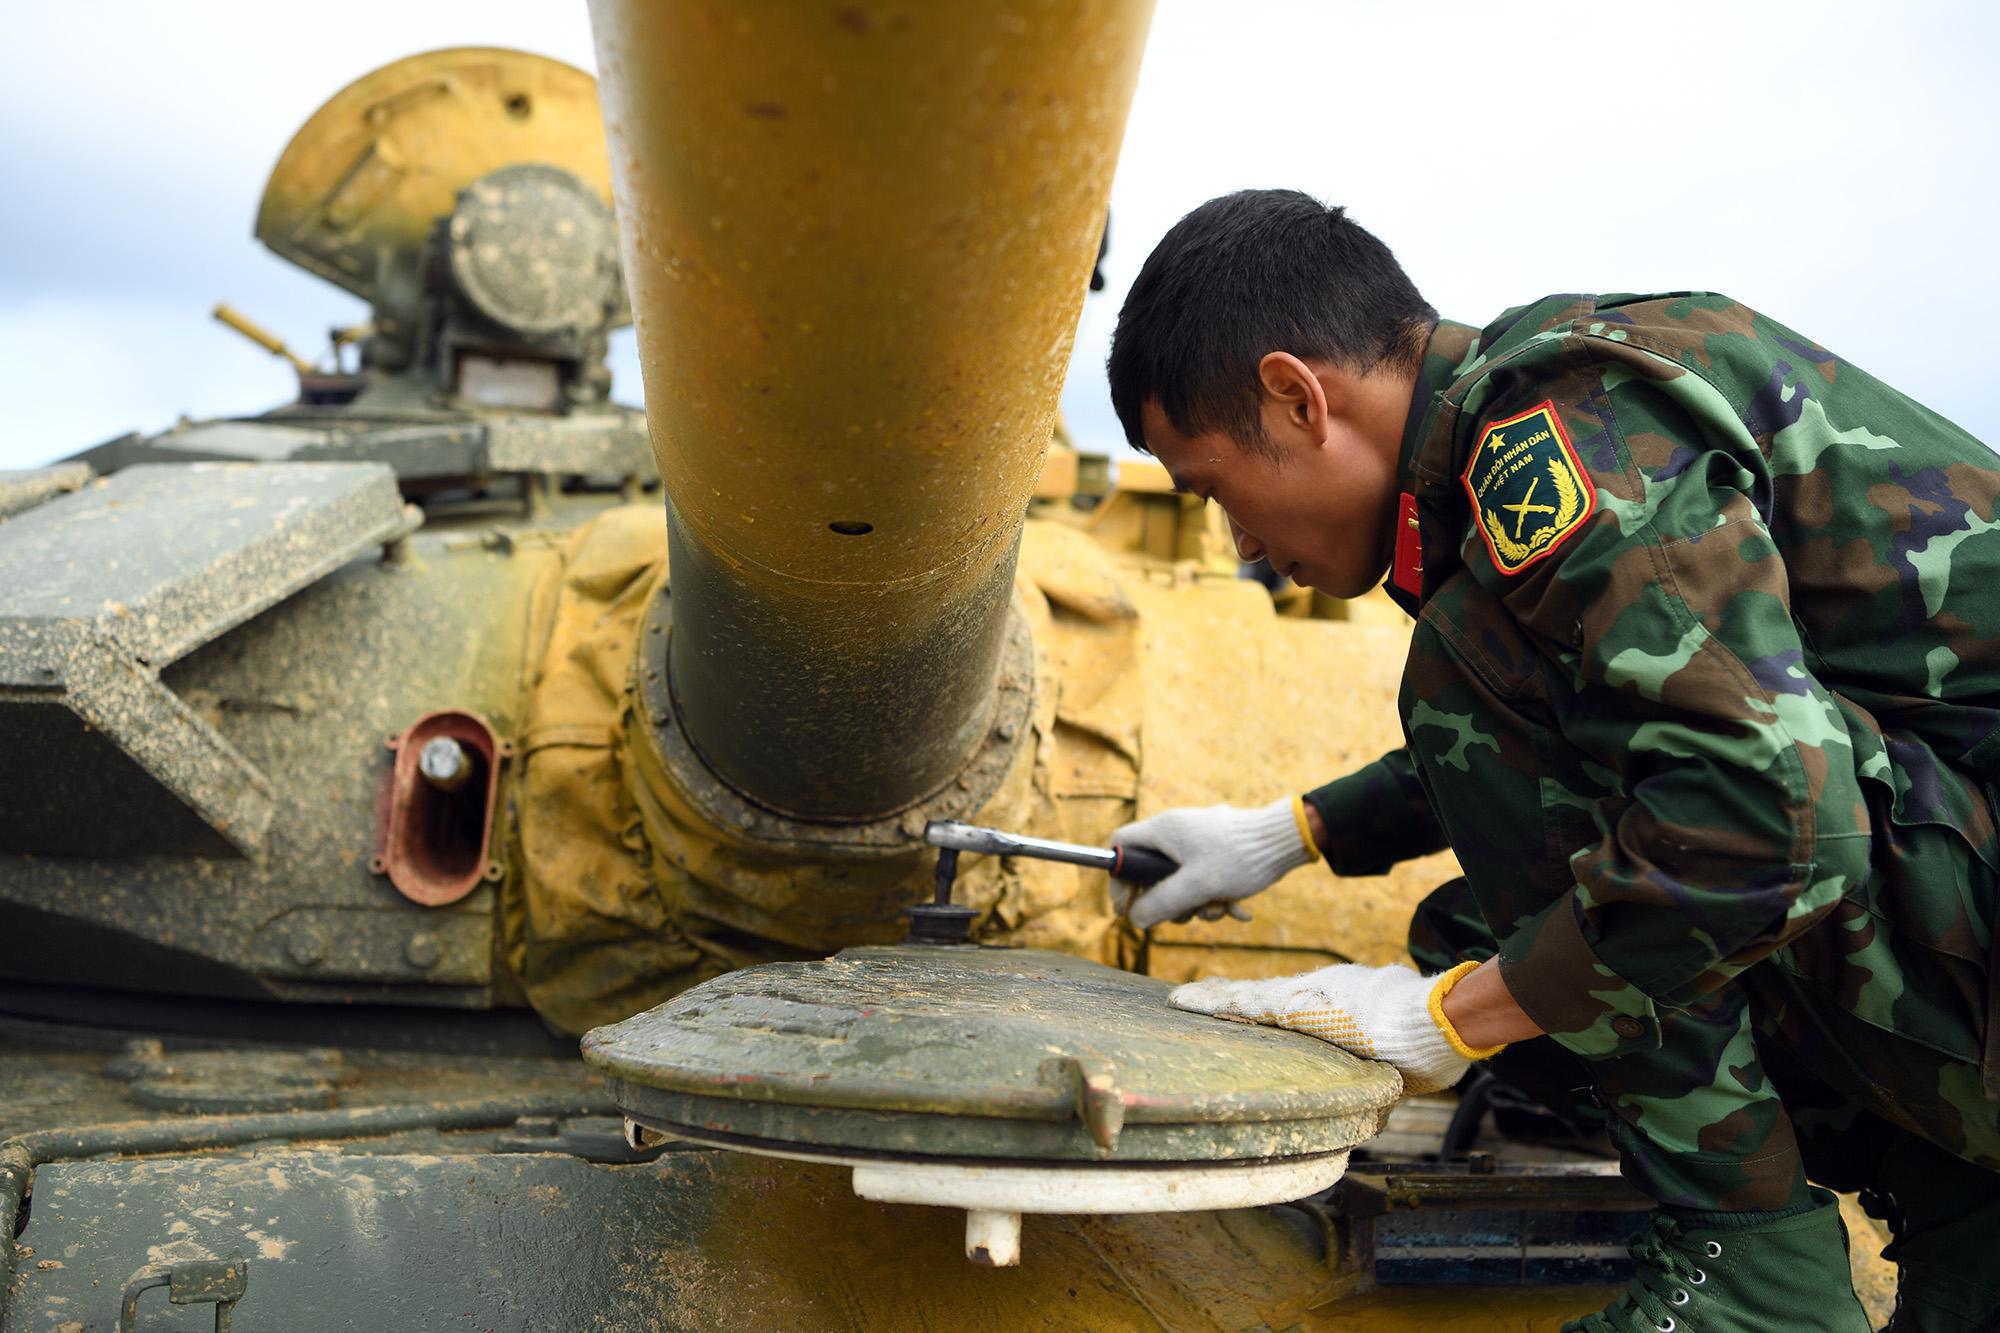 Hình ảnh xe tăng Việt Nam hùng dũng thi đấu ở trận 2 Tank Biathlon - Army Games 2020 - Ảnh 10.